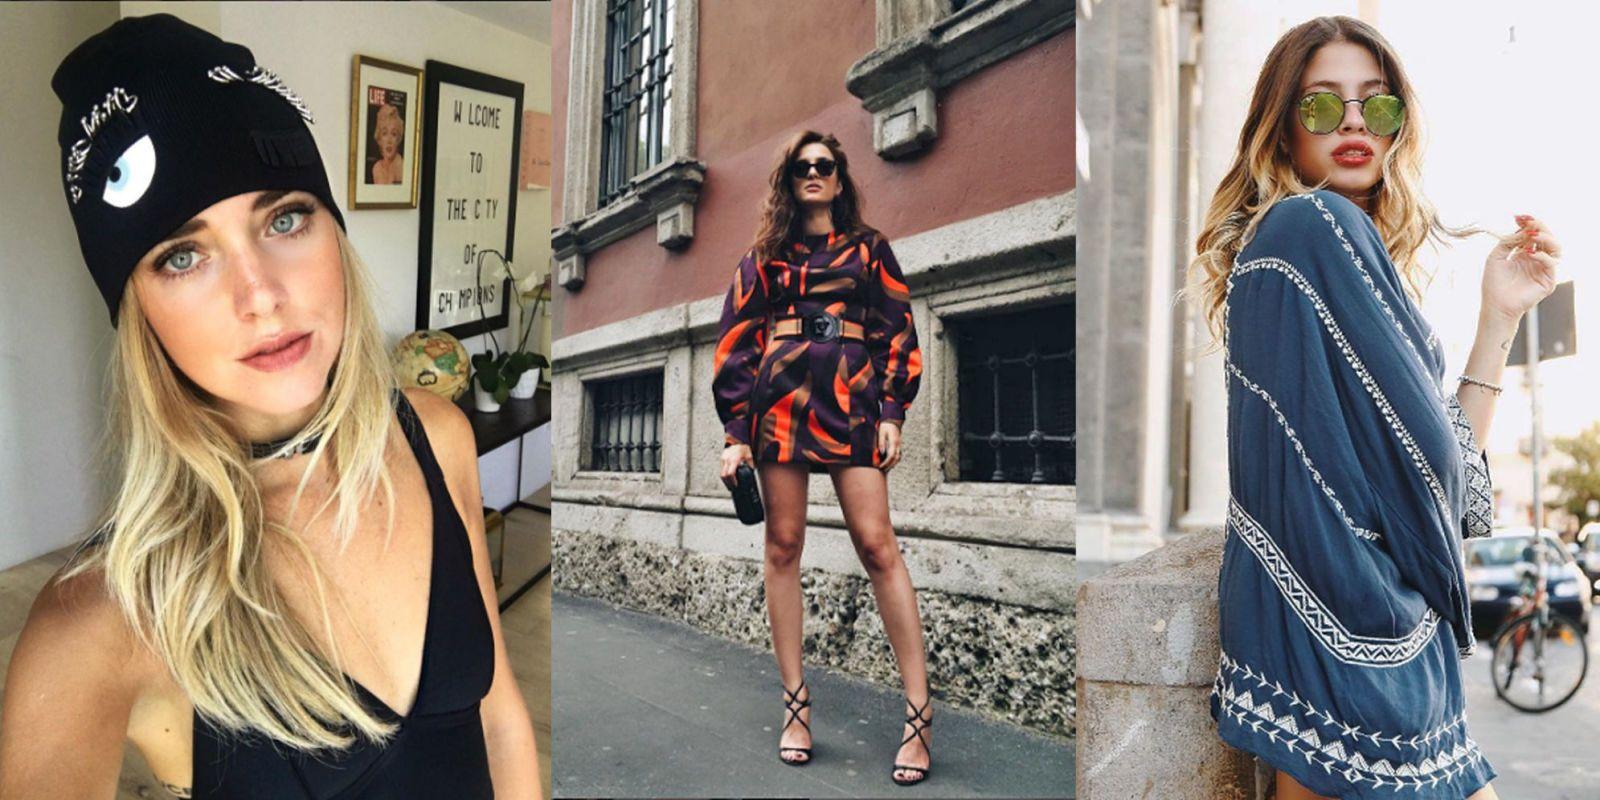 Italiane Da Che 13 Fanno Tendenza Web Sul Seguire Fashion Blogger Ac5S34RjLq